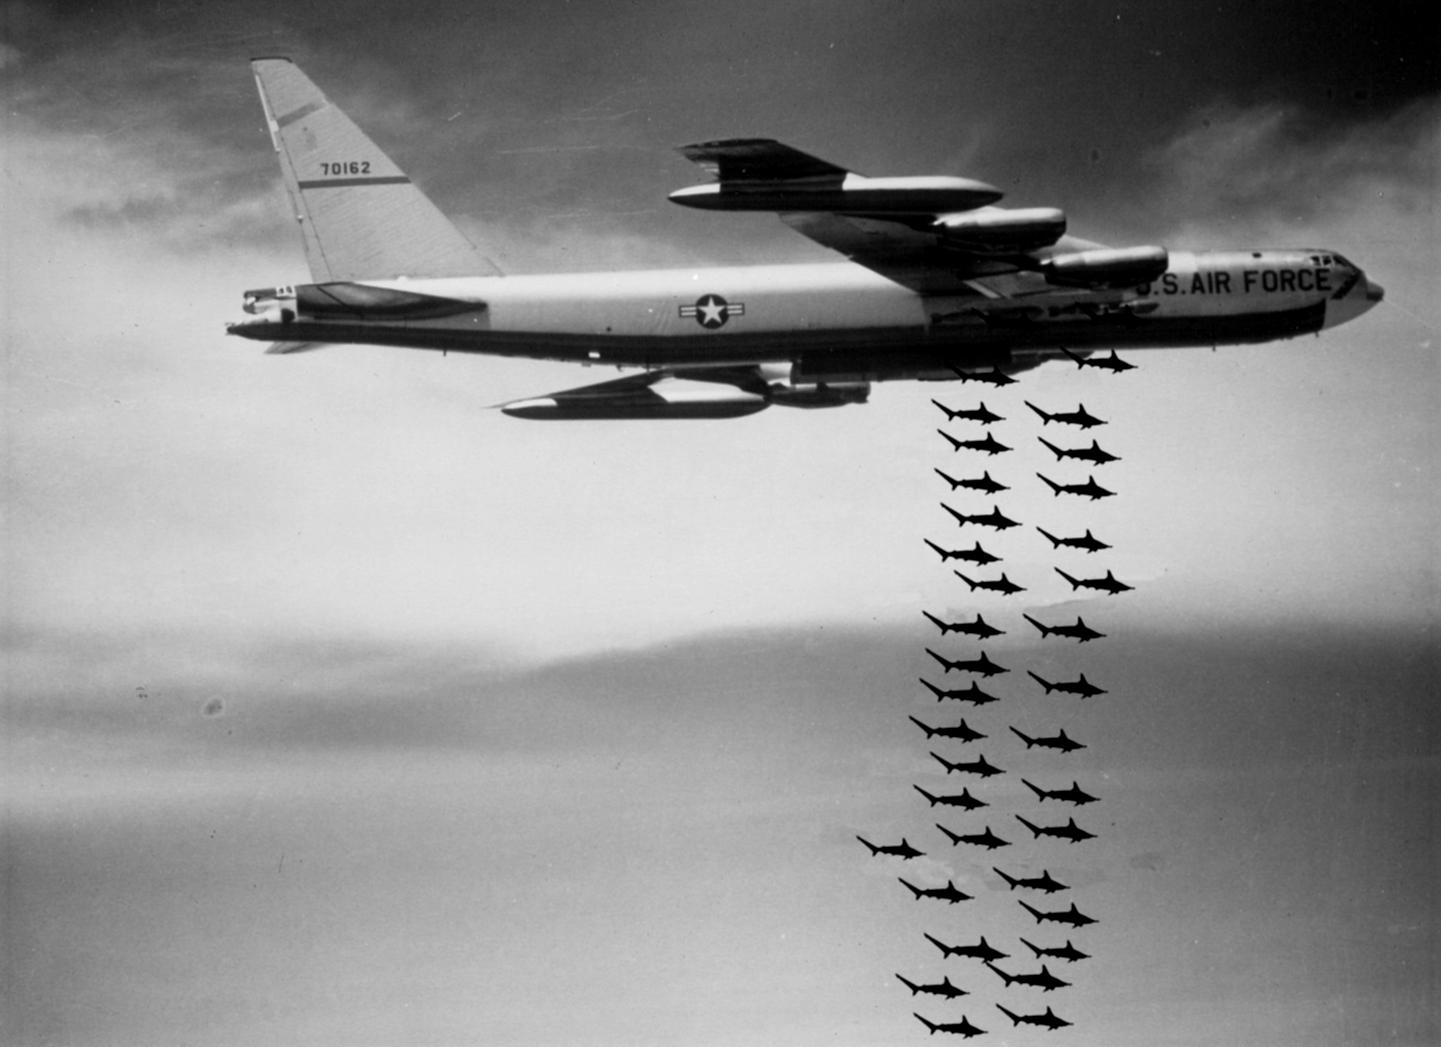 B 52 Carpet Bombing B 52 Wallpaper - Wallp...